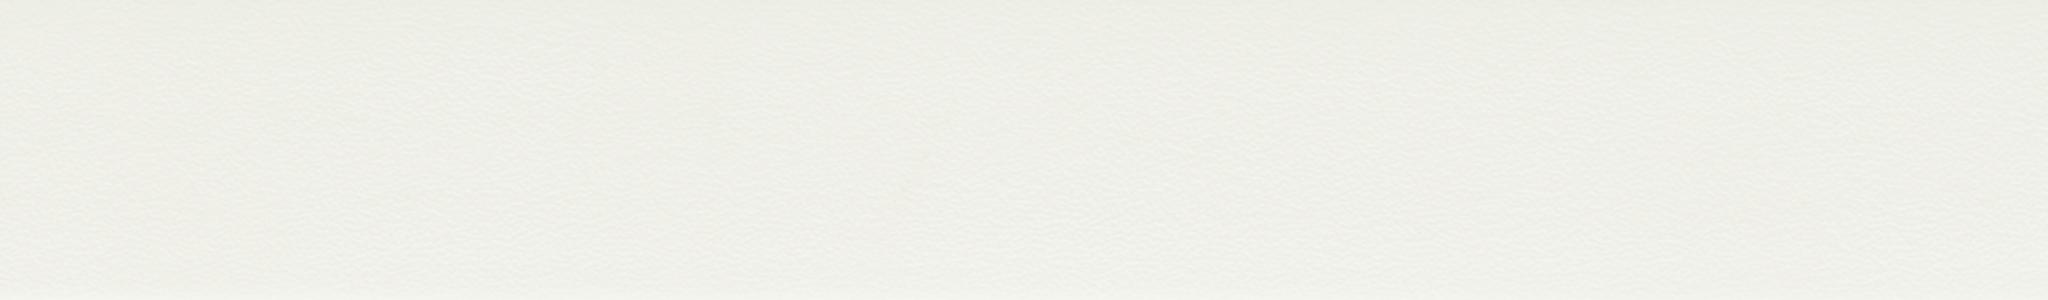 HU 17359 кромка ABS серая светлая жемчуг 101